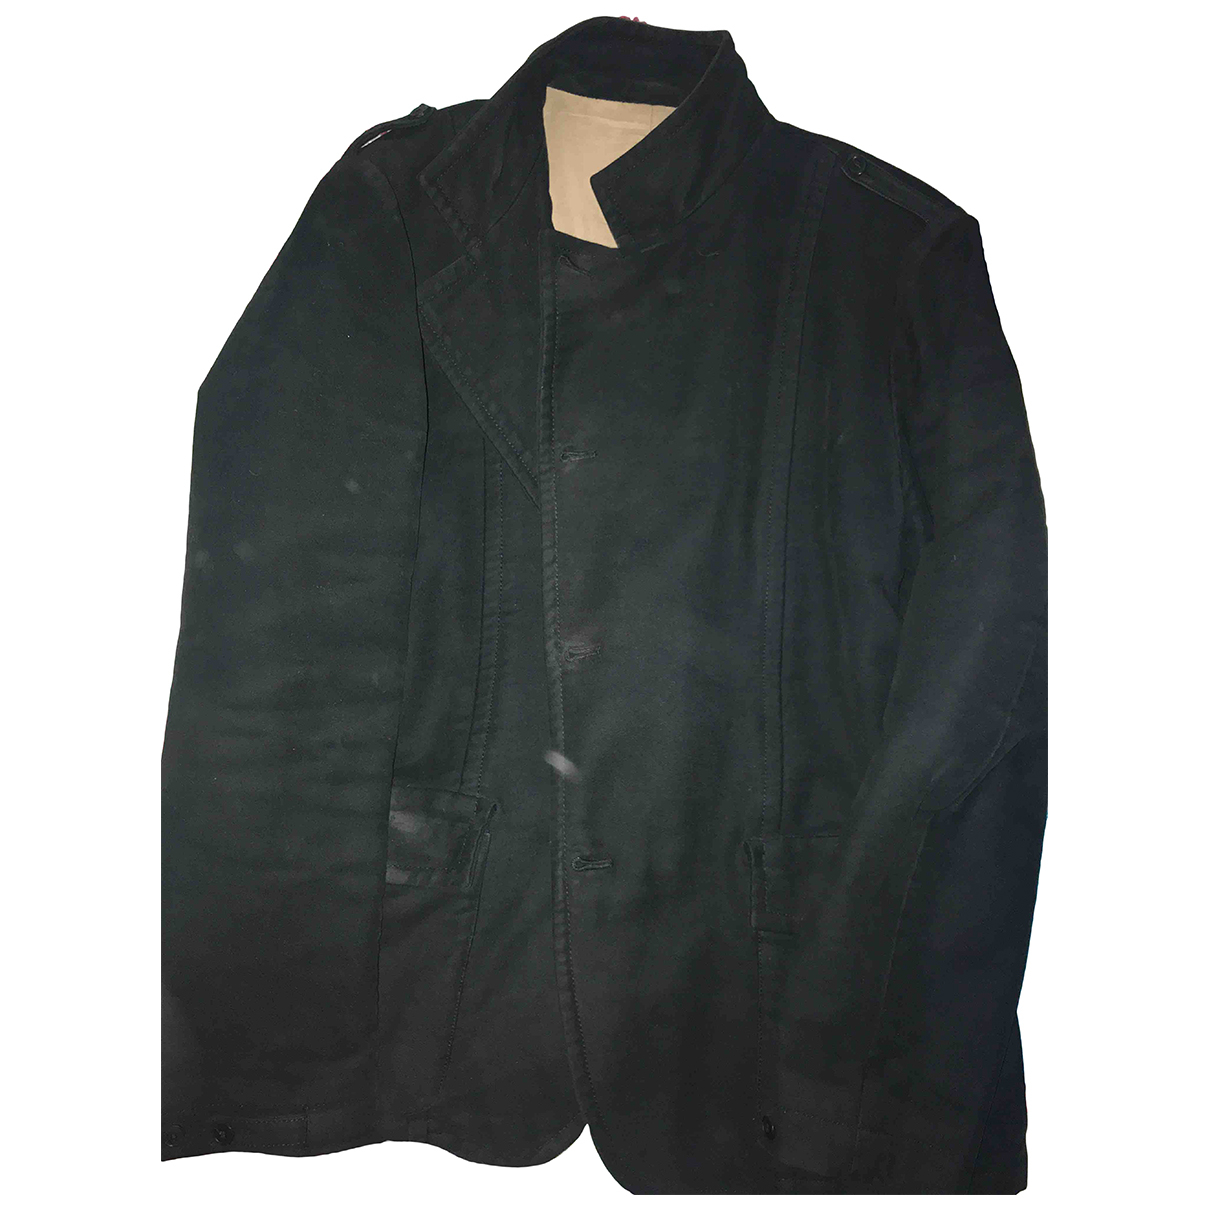 Mauro Grifoni - Manteau   pour homme en laine - noir